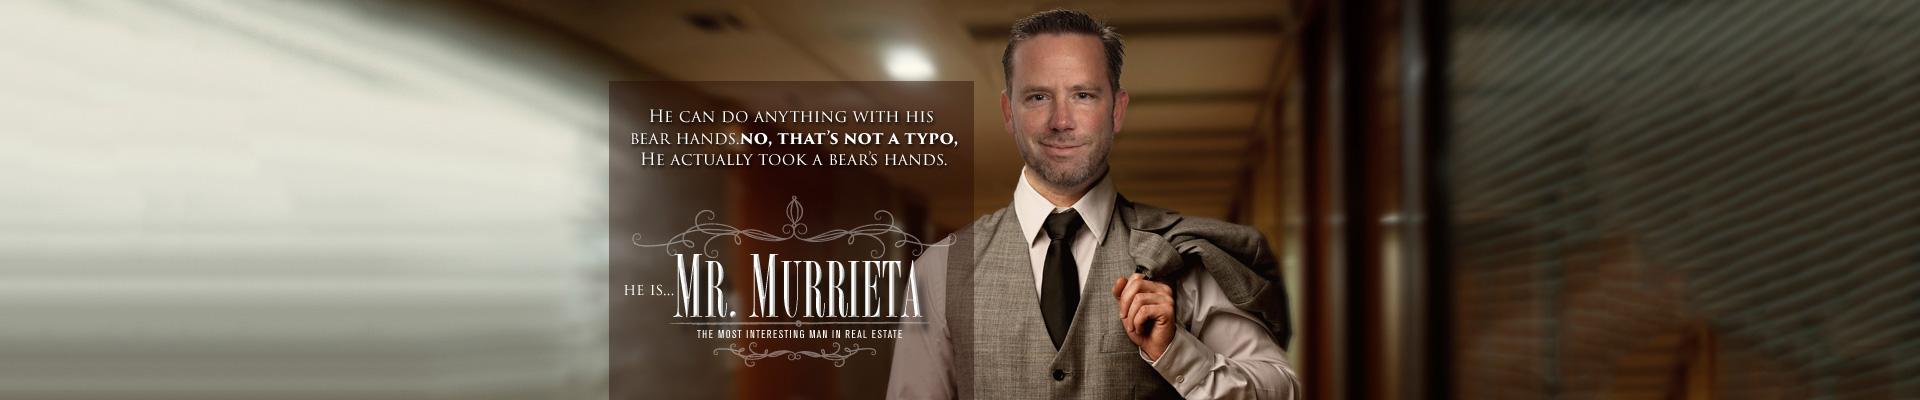 MrMurrietaSlider1